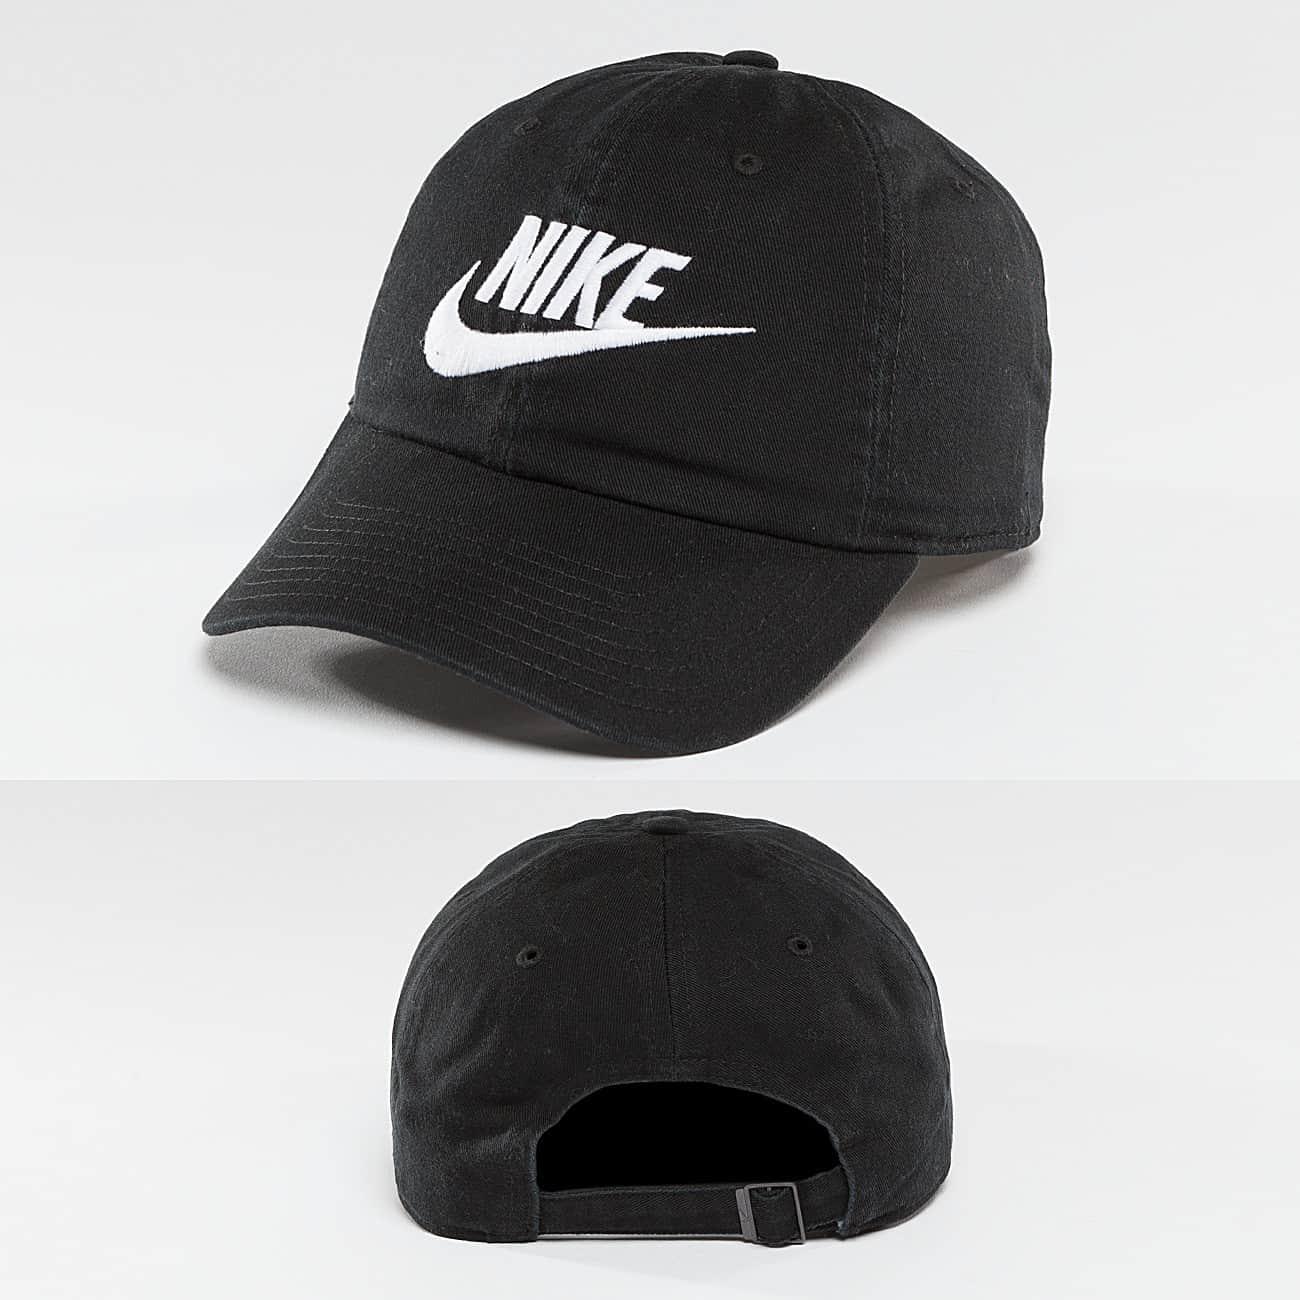 Vente en gros casquette nike femme pas cher Pas cher ...